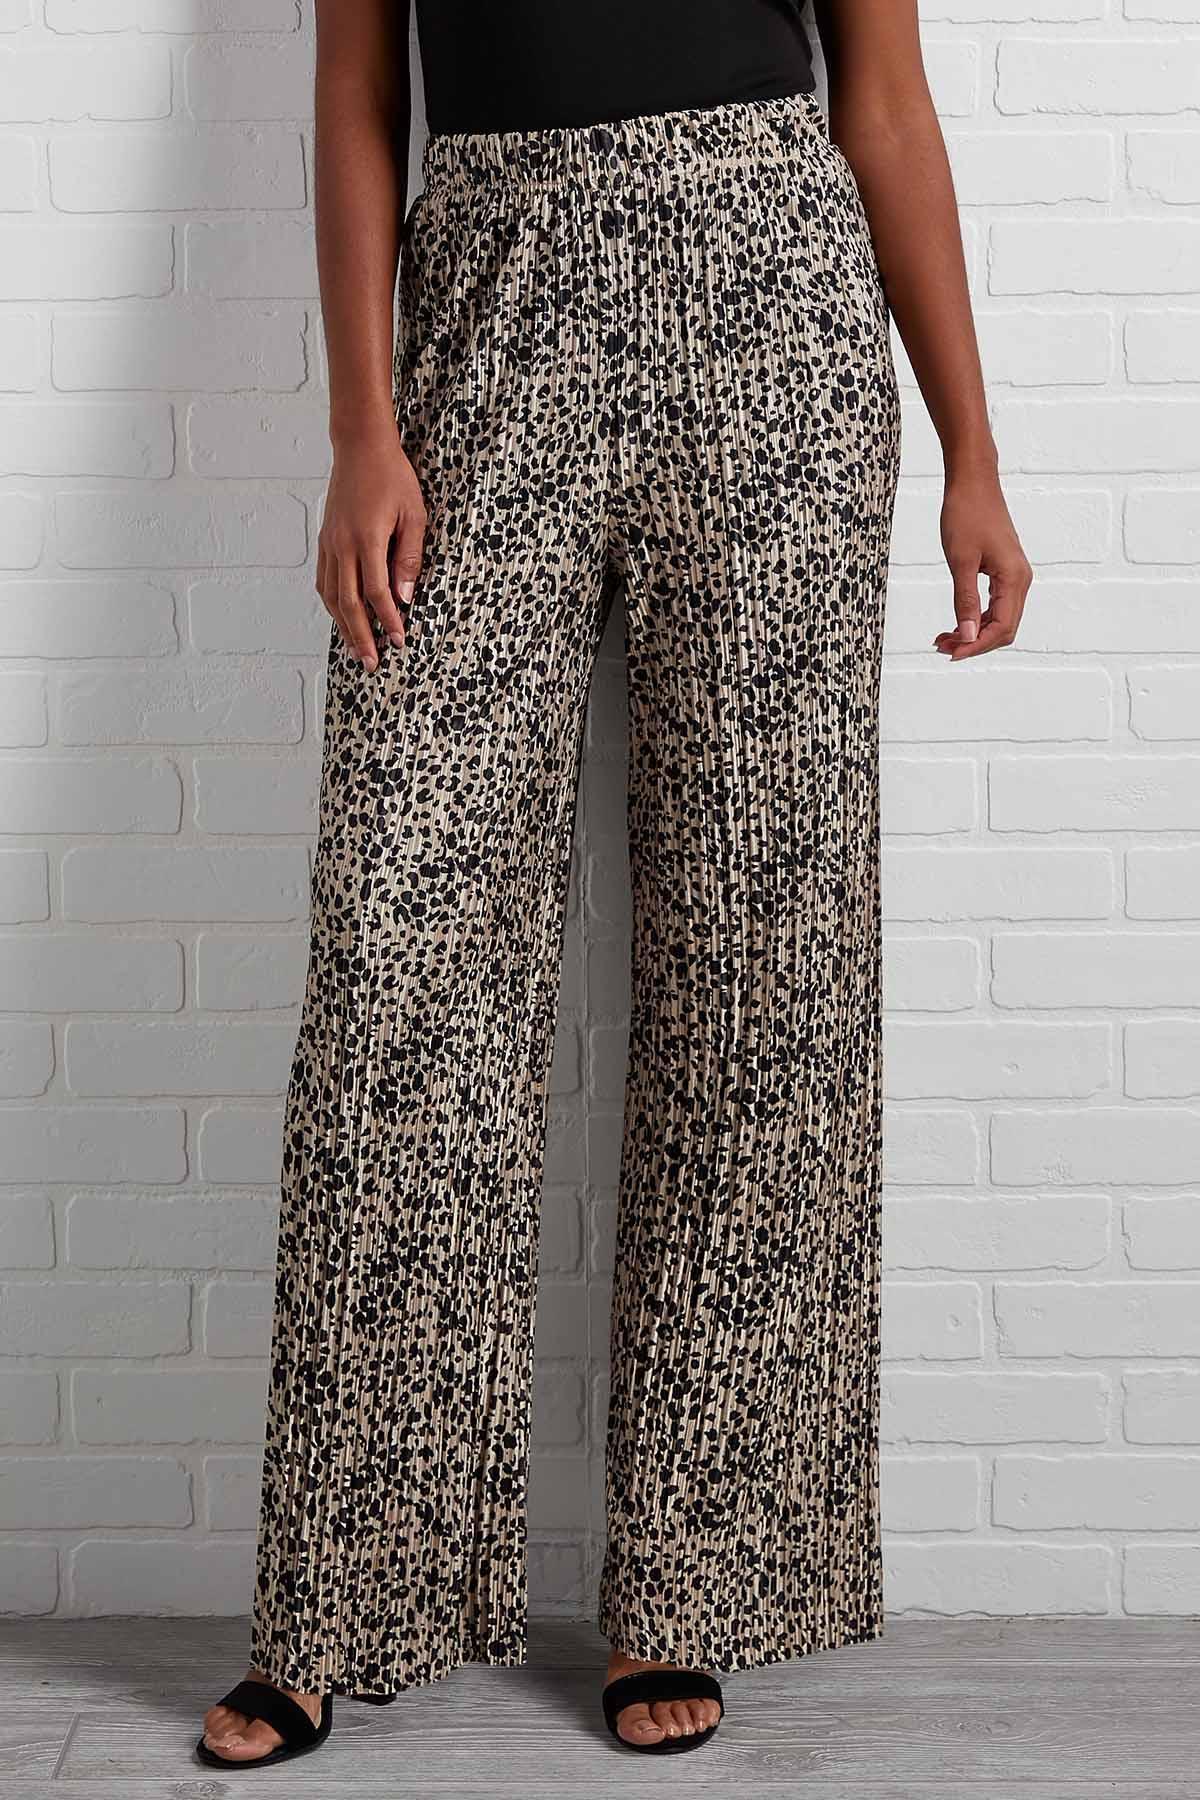 Feline Fancy Pants